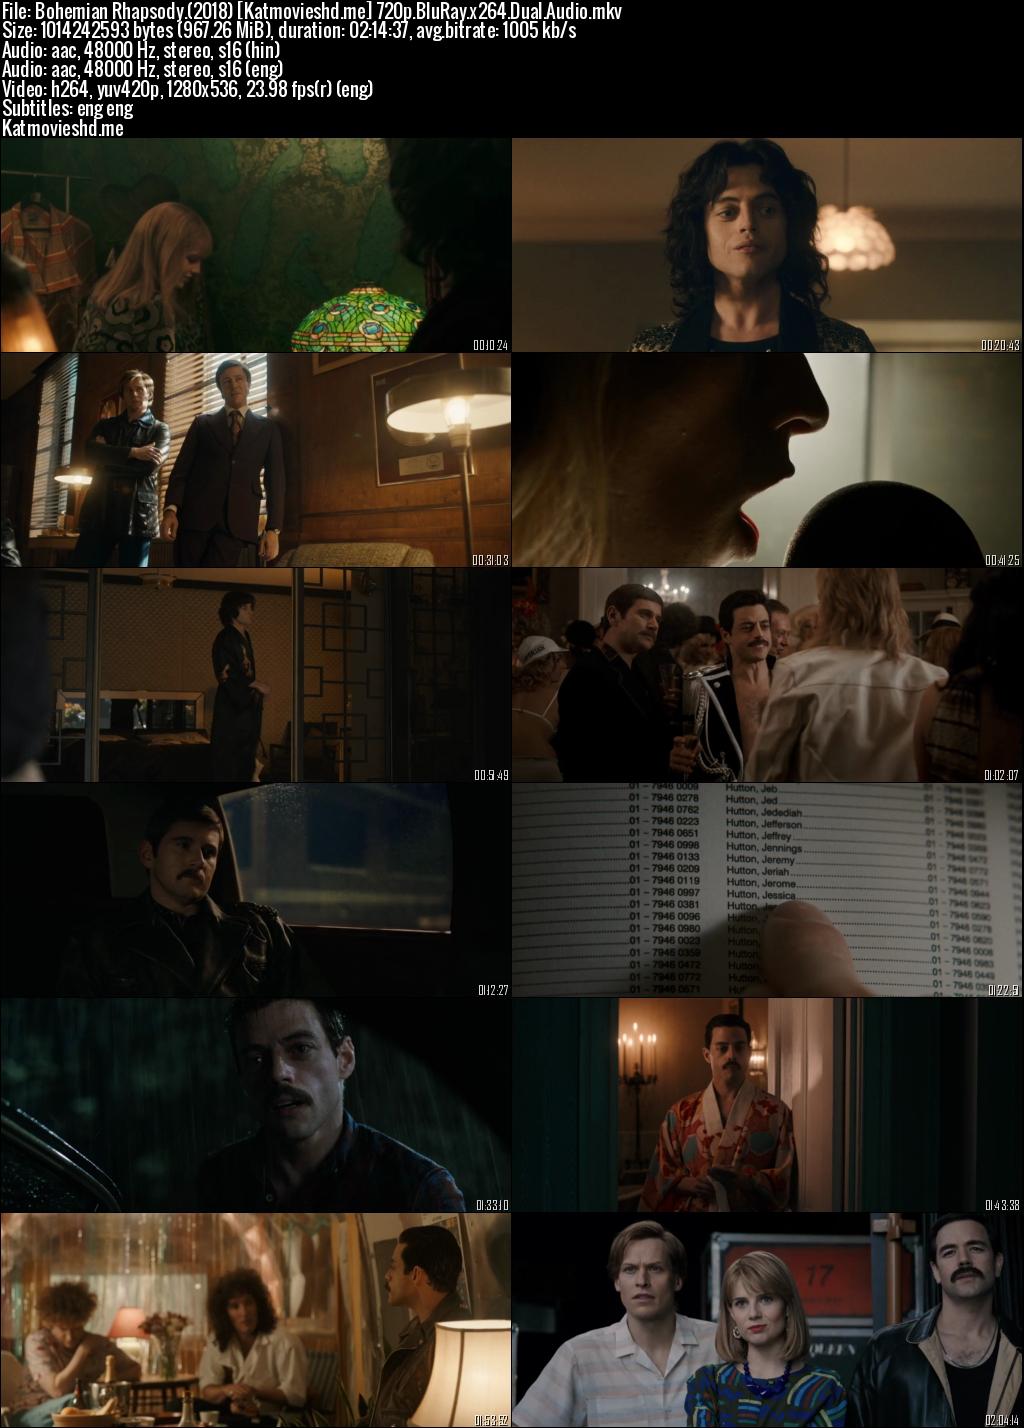 Screenshot of Bohemian Rhapsody 2018 Full Dual Audio Movie Download BRRip 720p